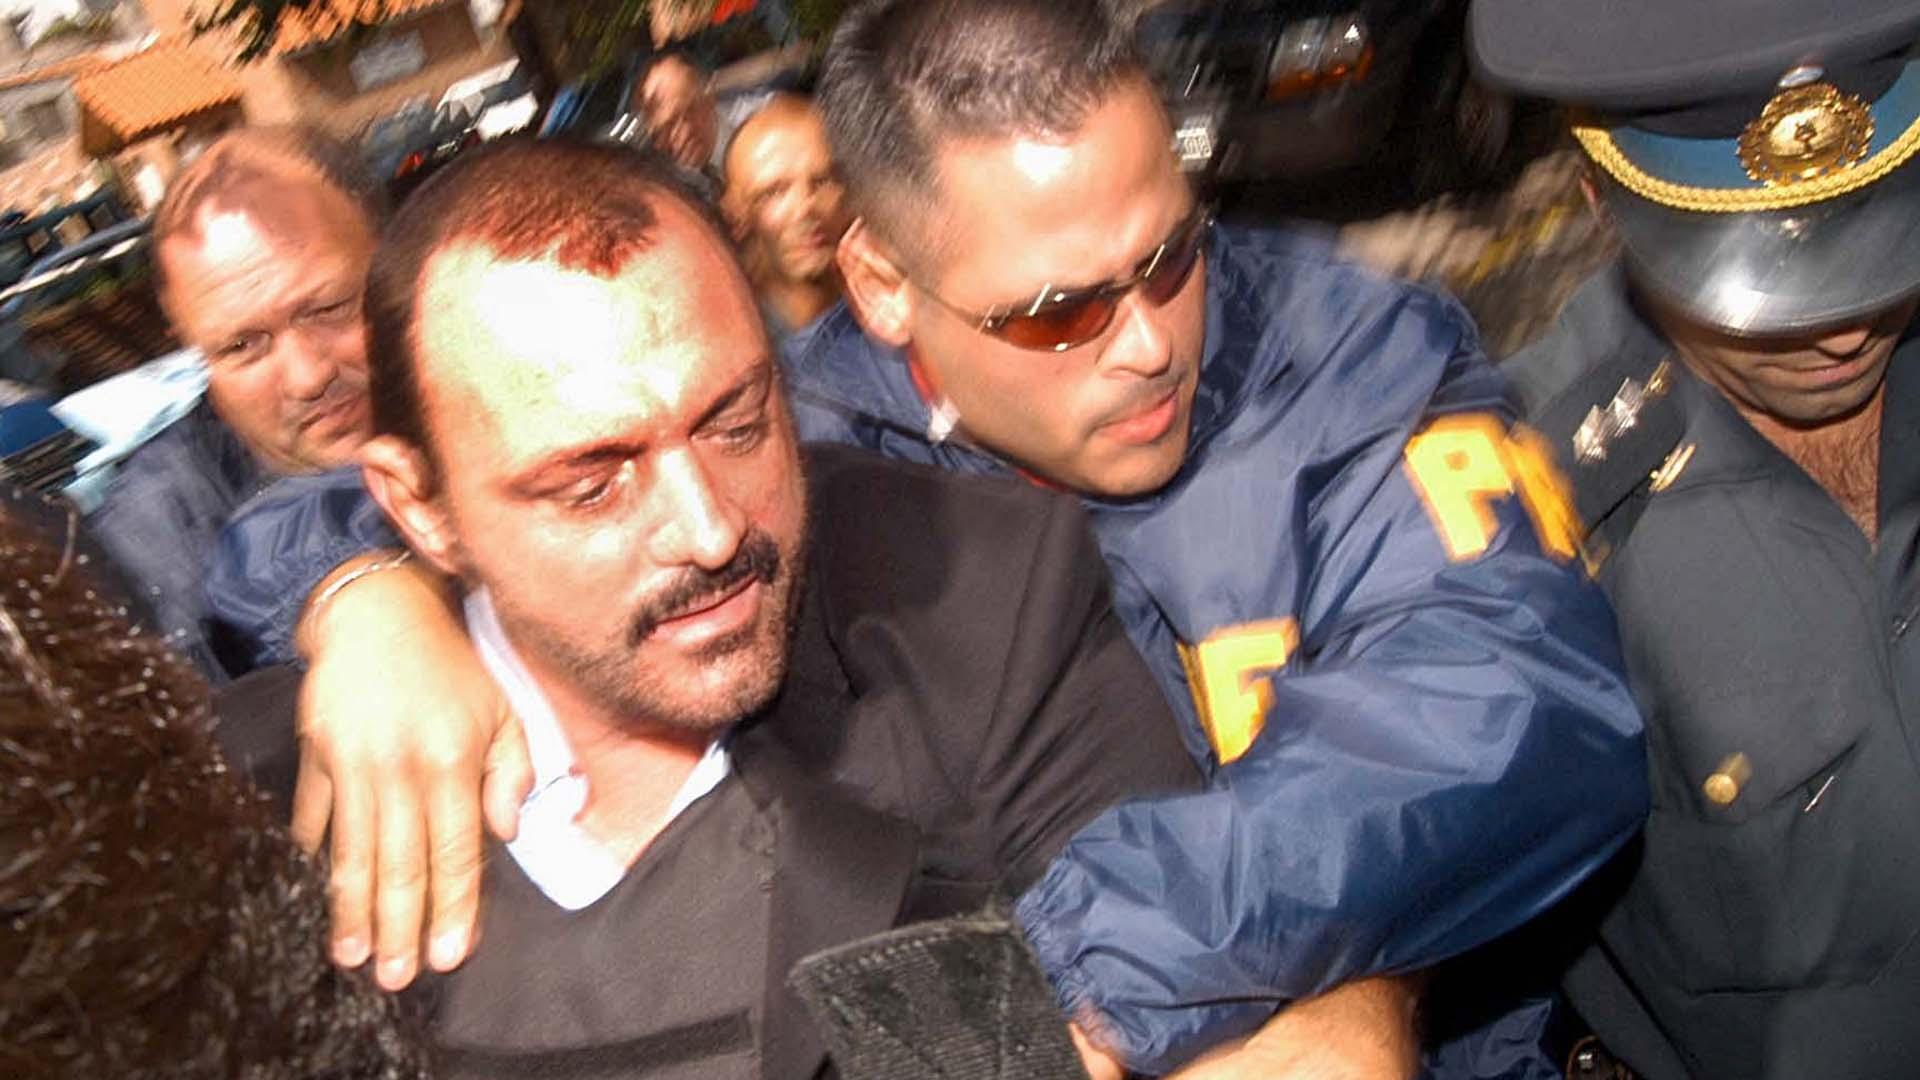 El empresario Horacio Conzi, detenido por efectivos de la Policía Federal, es trasladado tras presentarse ante el juez, a la delegación local de la PFA.